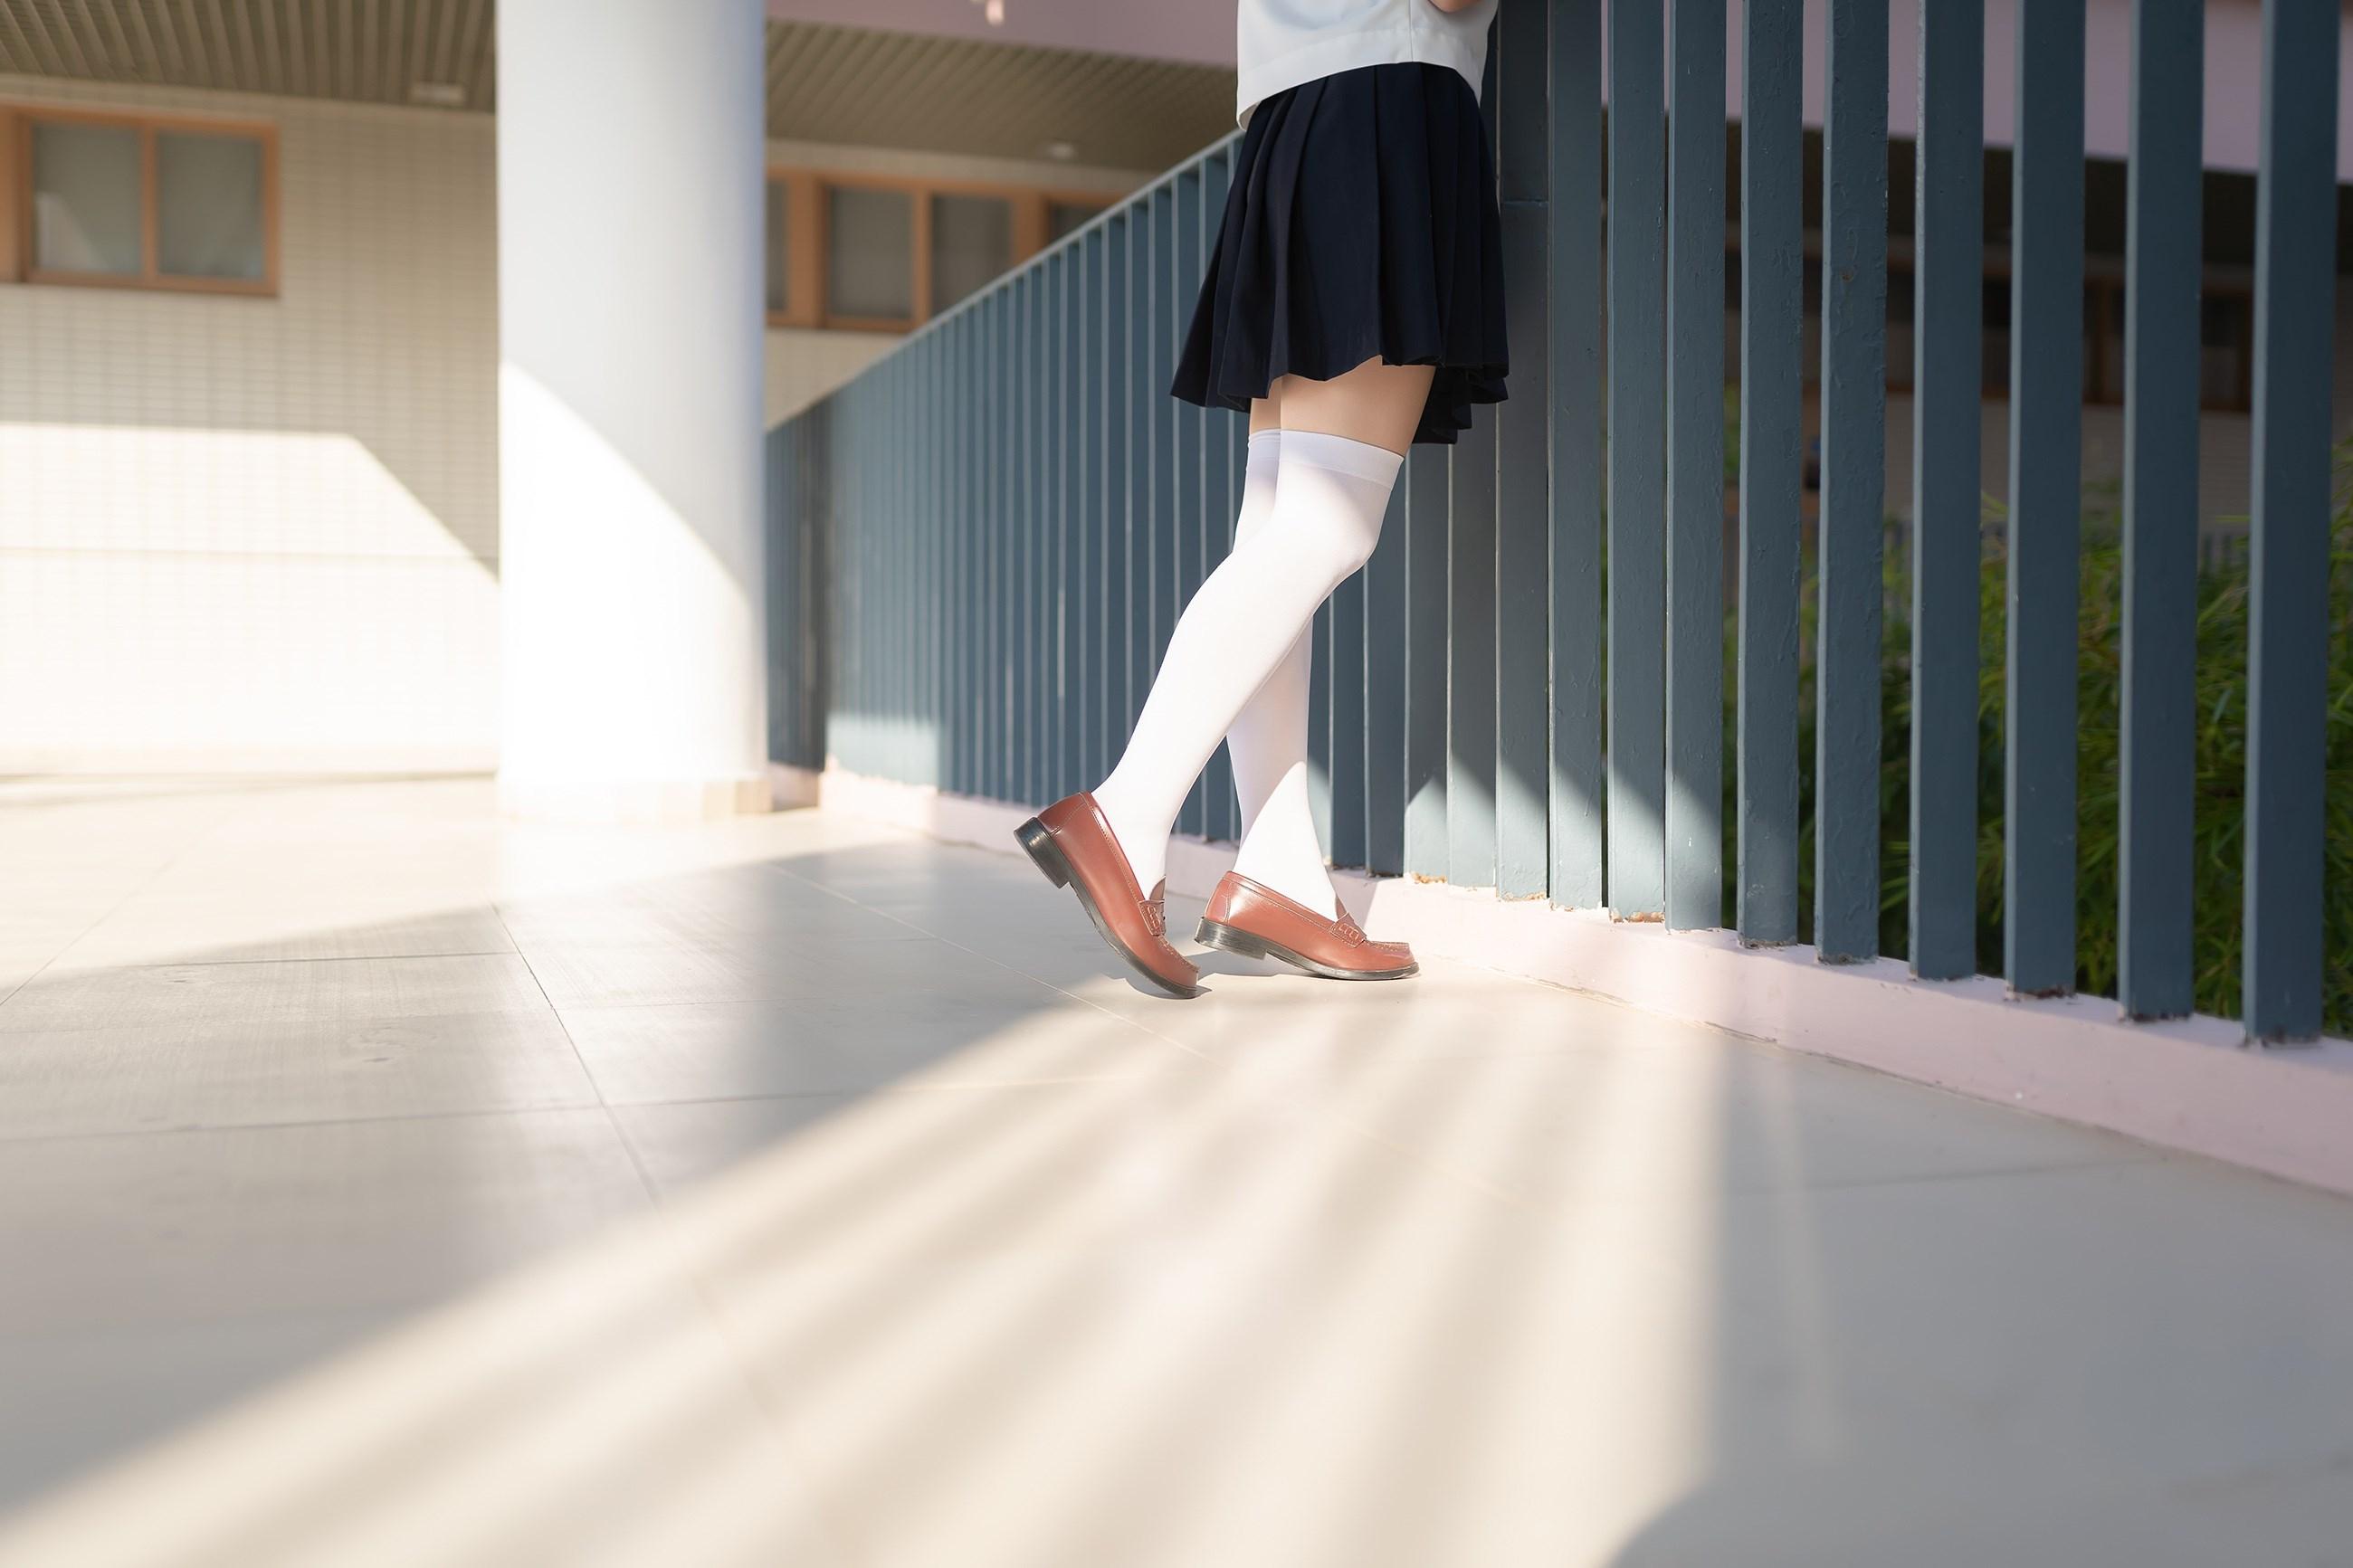 【兔玩映画】楼梯上的白丝少女 兔玩映画 第10张